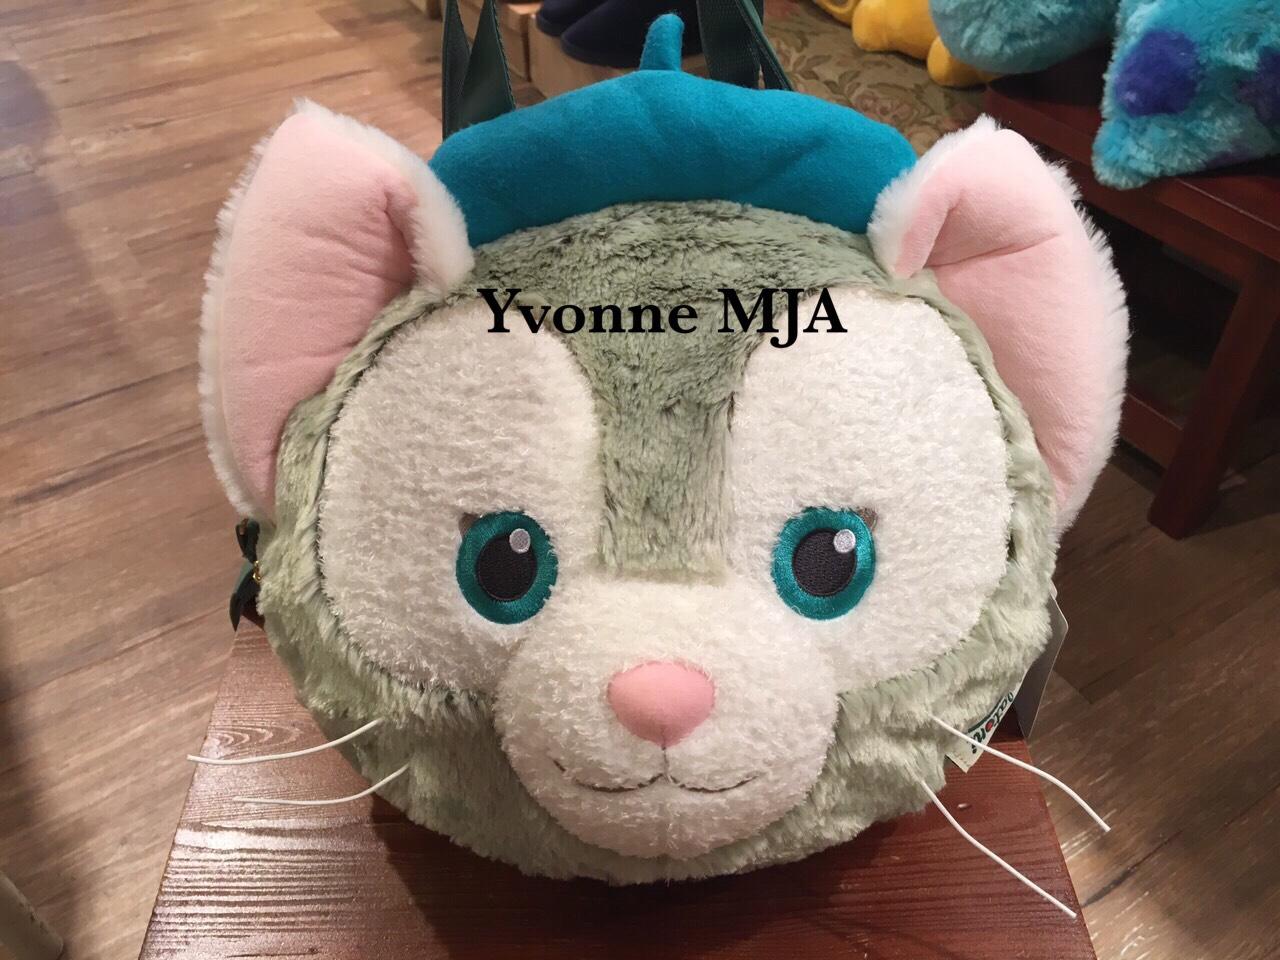 *Yvonne MJA日本代購*東京迪士尼海洋樂園限定正品傑拉東尼新款中頭絨毛手提肩後背包